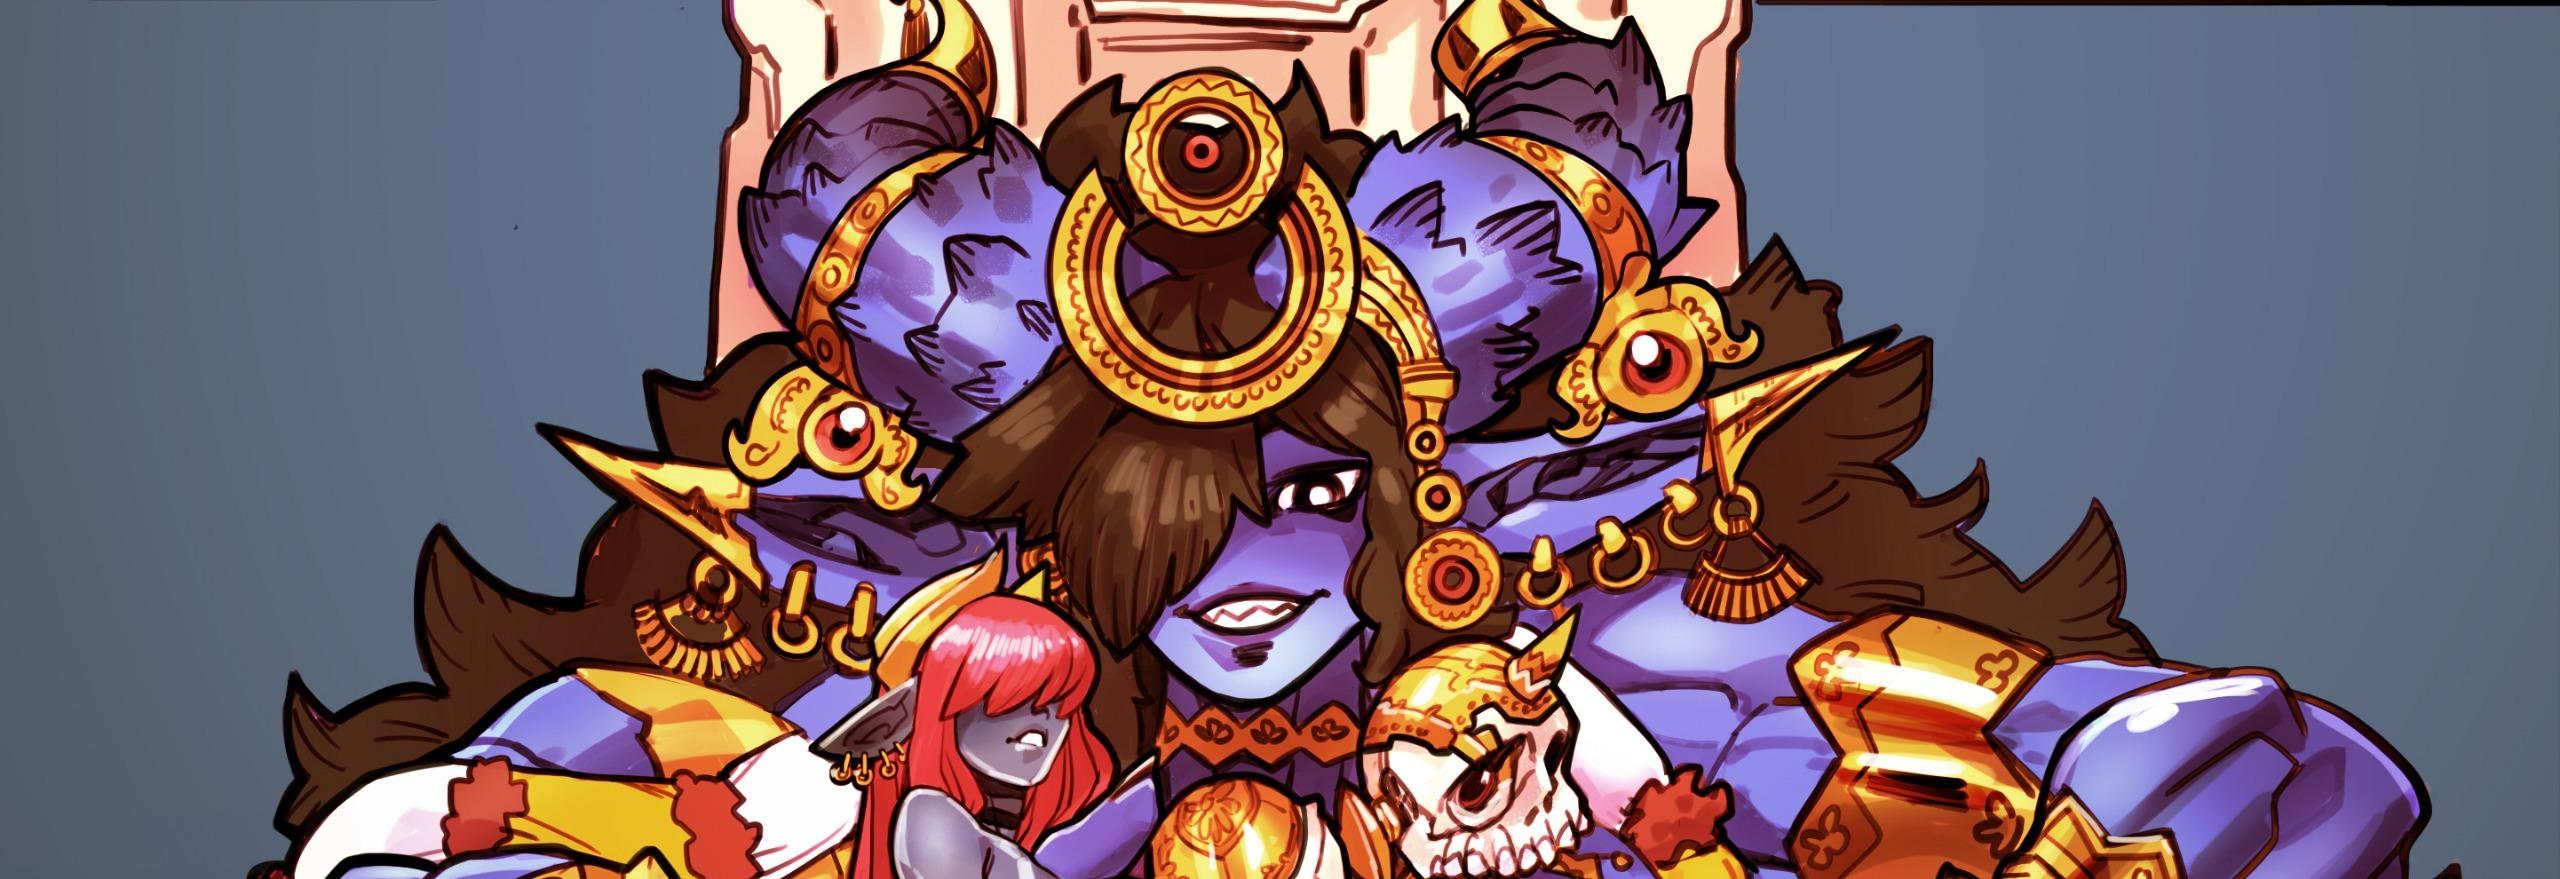 Eros (@darkeros) Cover Image